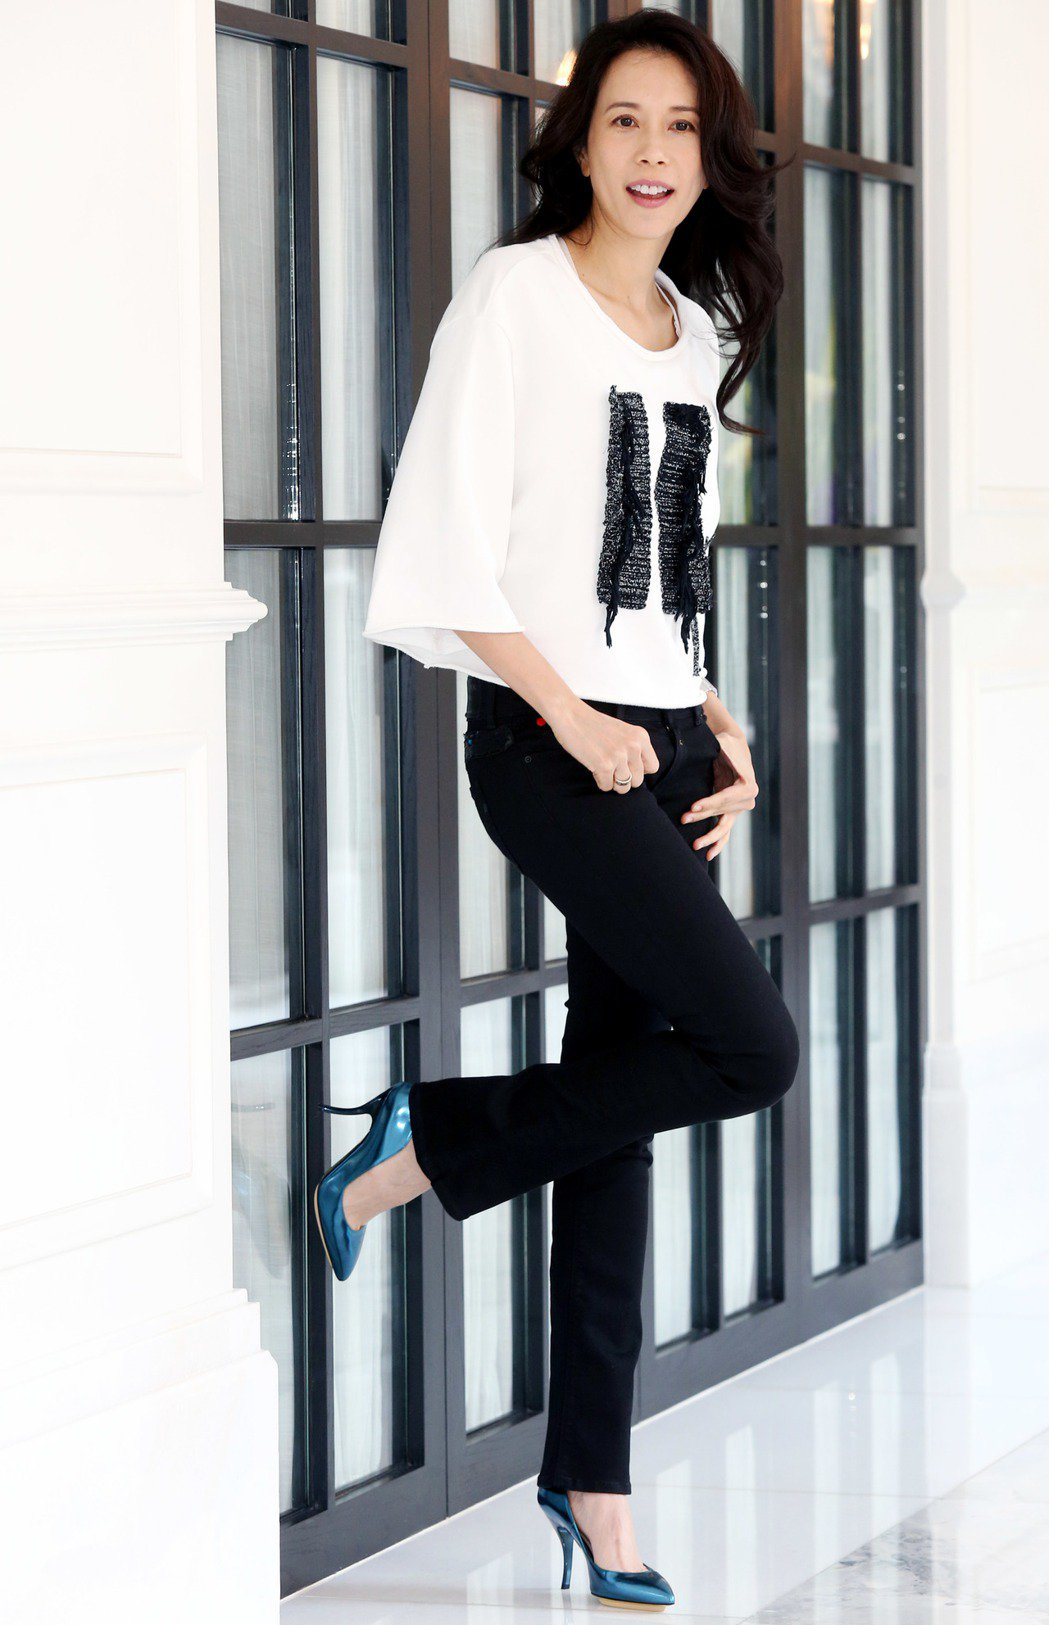 莫文蔚將為新歌「I do」性感登台  比基尼外搭牛仔褲造型現身。記者林俊良/攝影